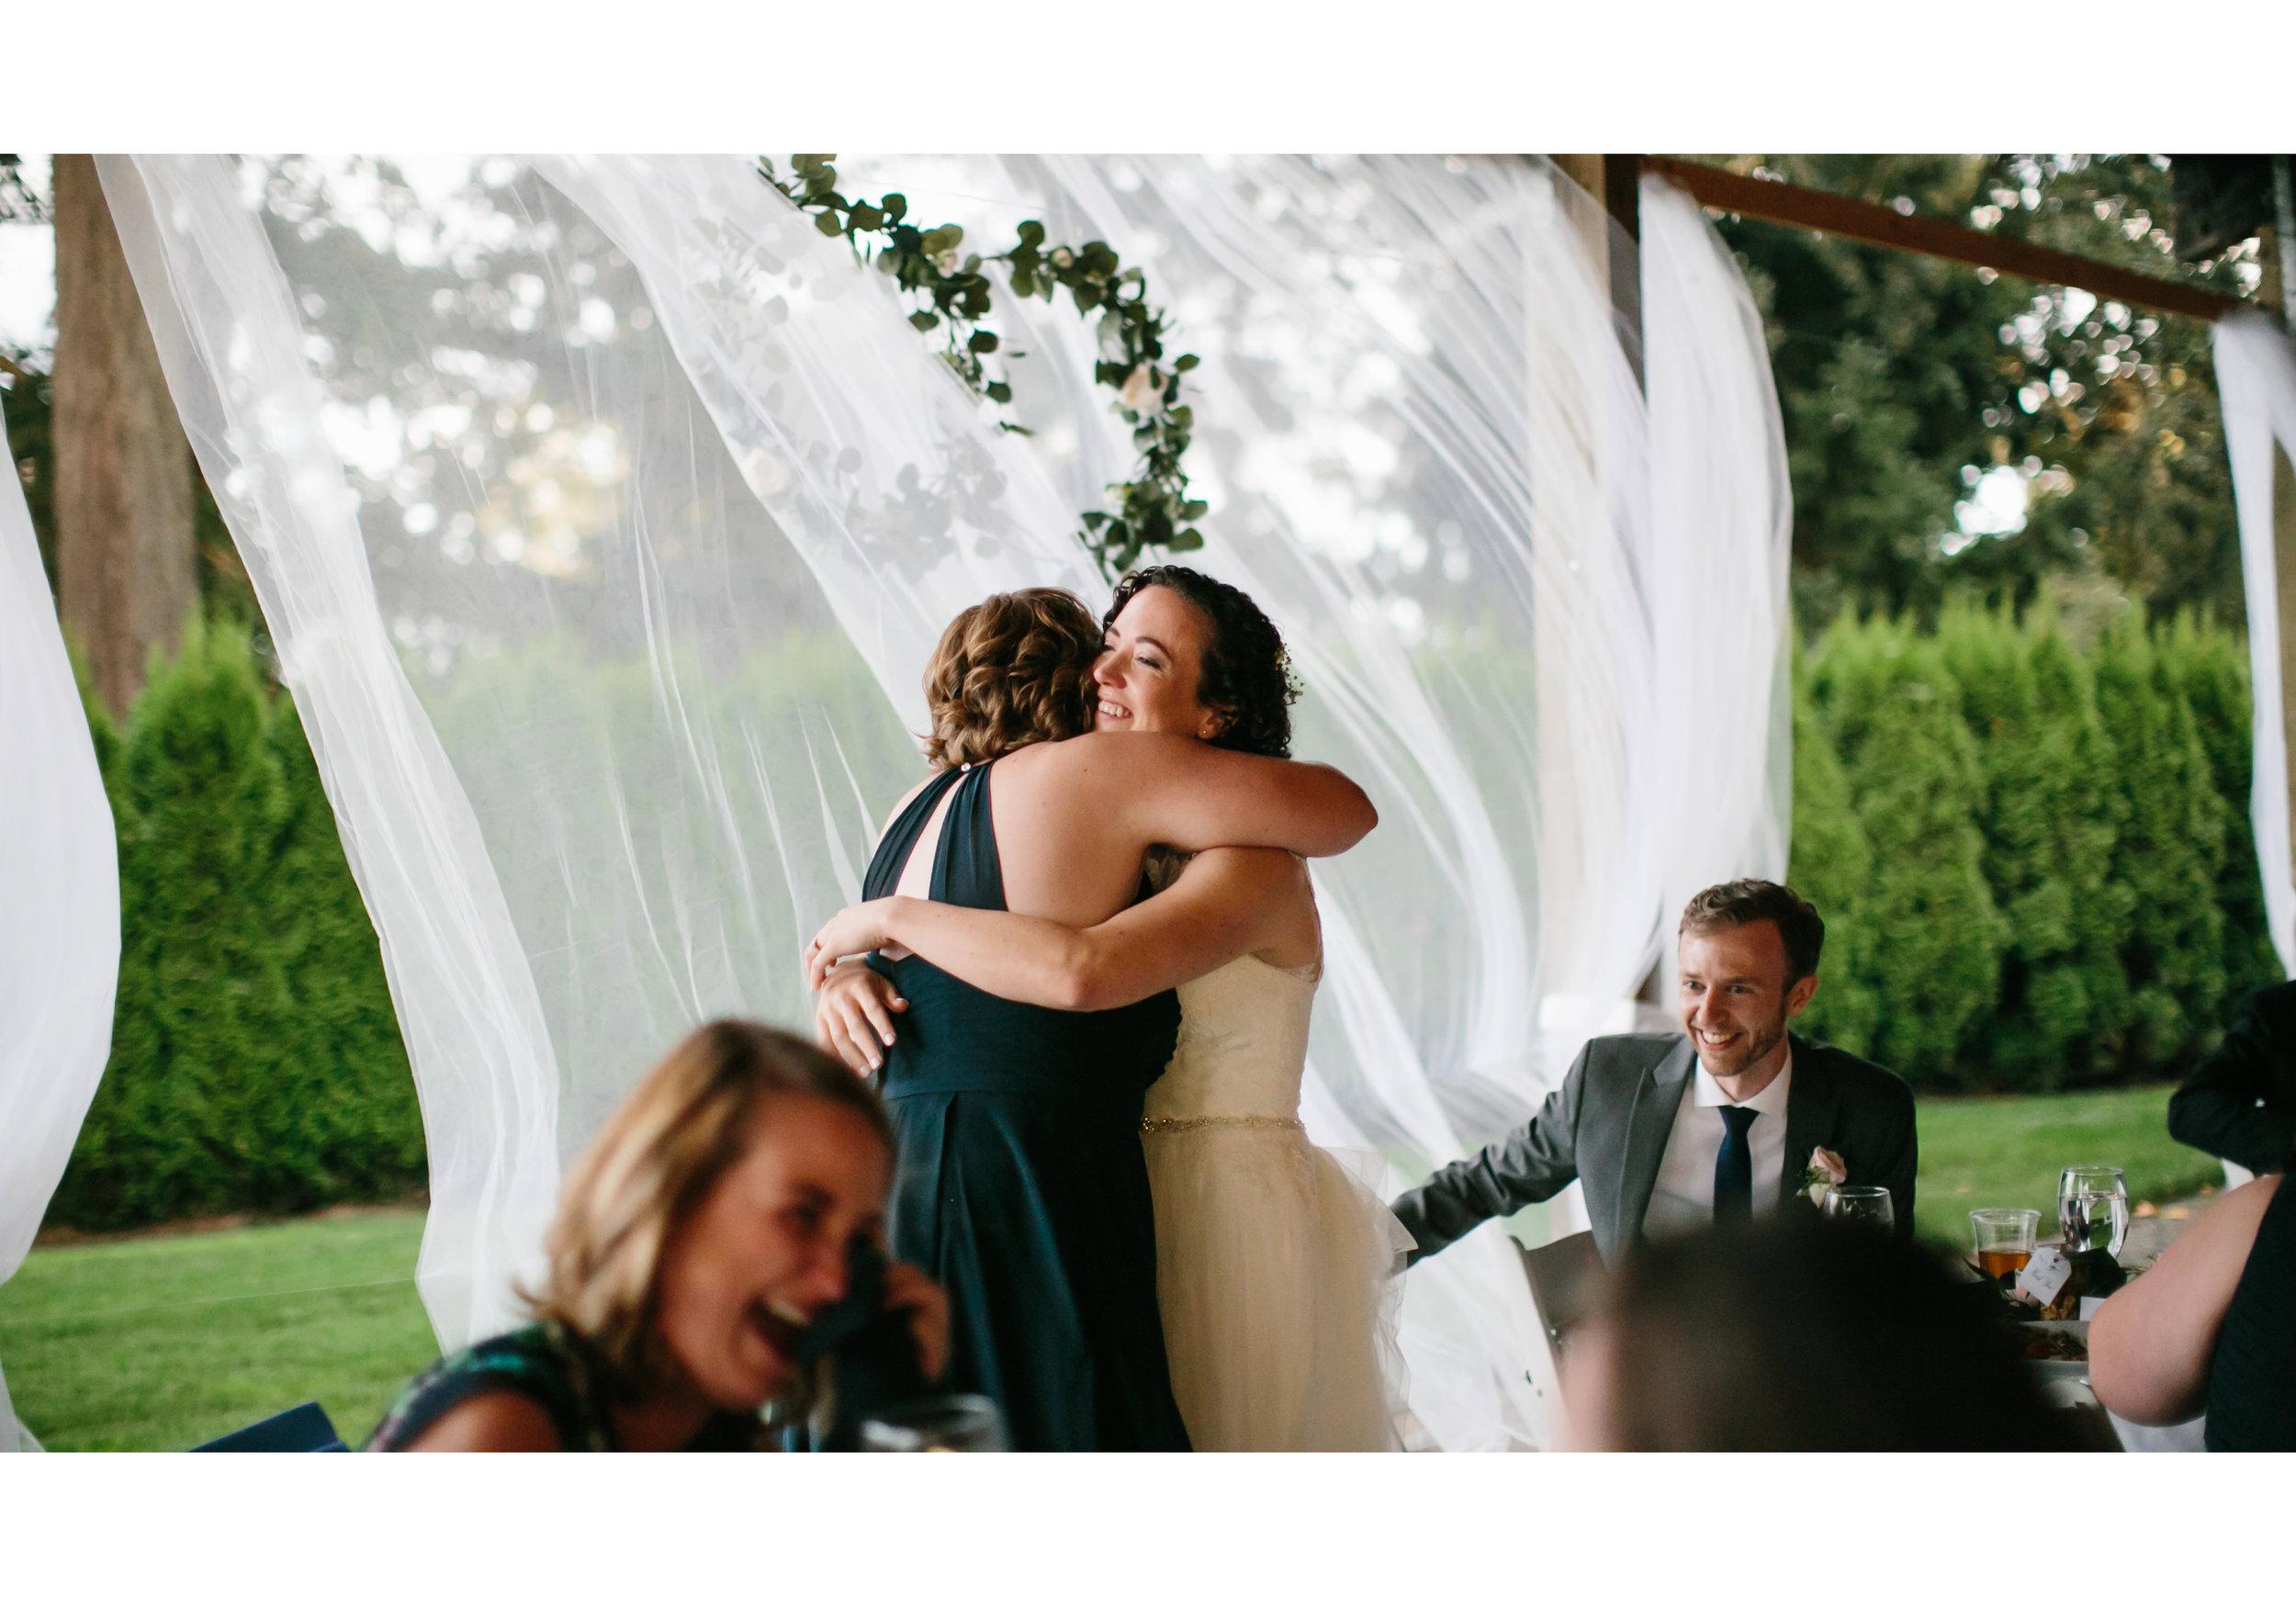 scholls-valley-lodge-wedding-photographer-ashley-courter0020.JPG